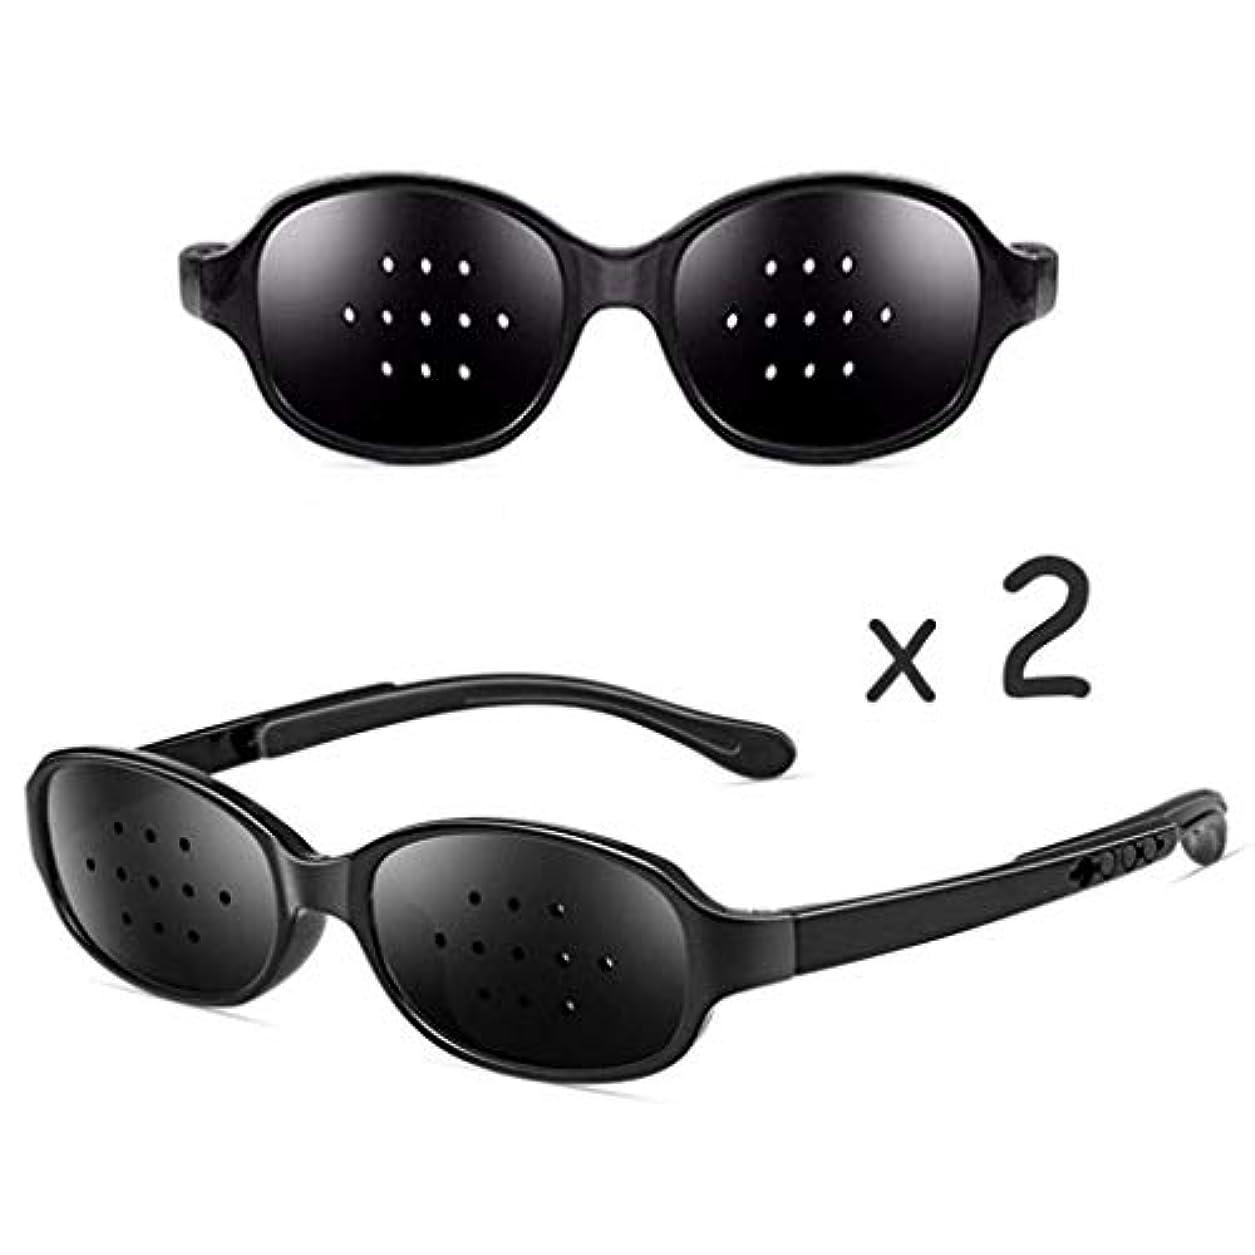 続ける実験をする苦難ピンホールメガネ、視力矯正メガネ網状視力保護メガネ耐疲労性メガネ近視の防止メガネの改善 (Color : ピンク)